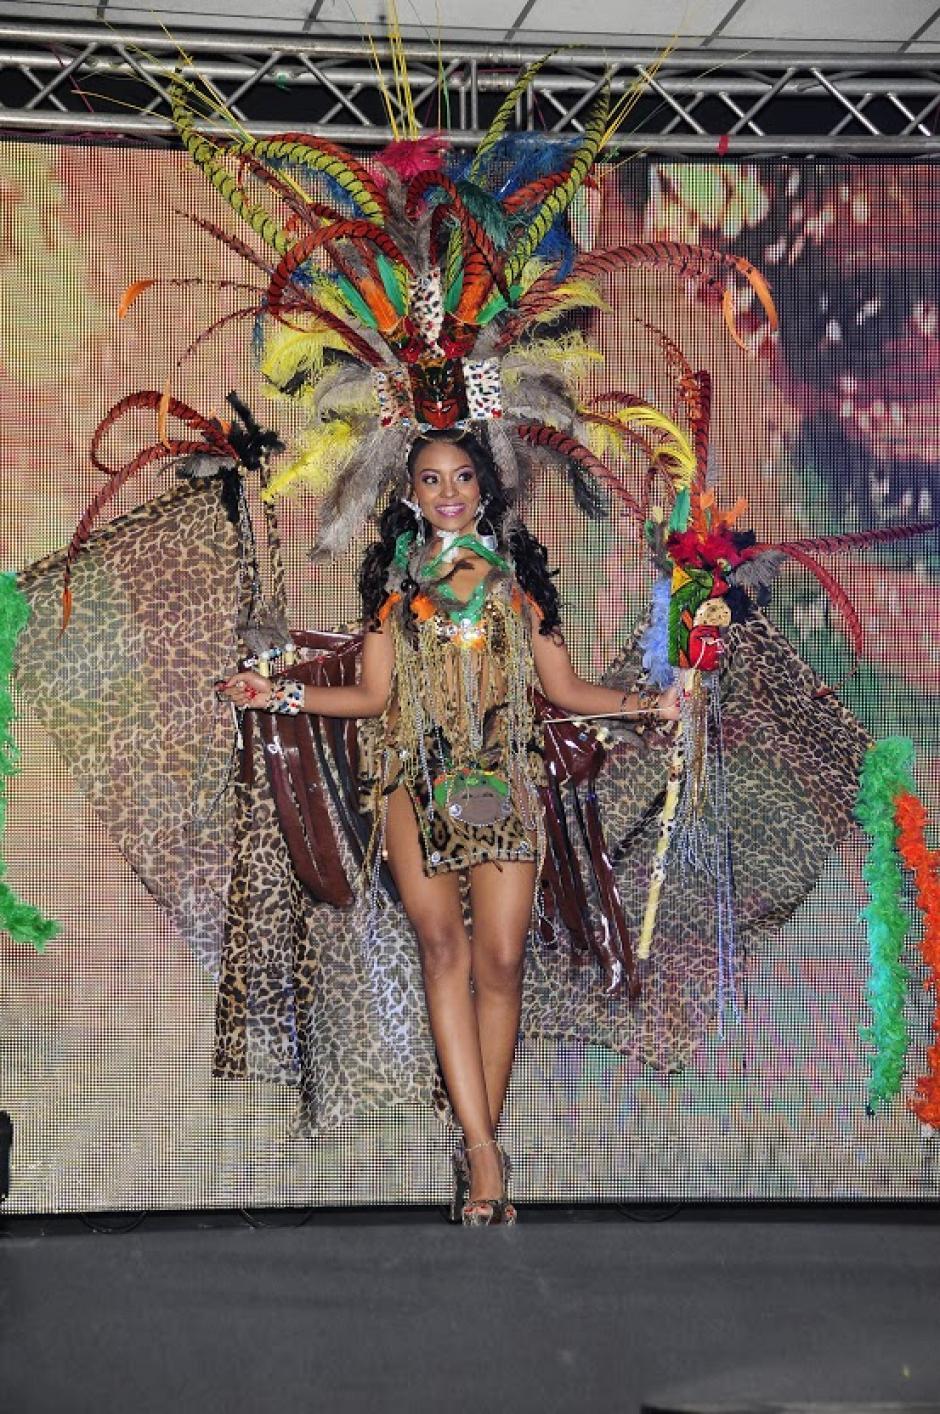 Nataly Ramírez en traje de fantasía. (Foto: Antonio Lederer/Nuestro Diario)